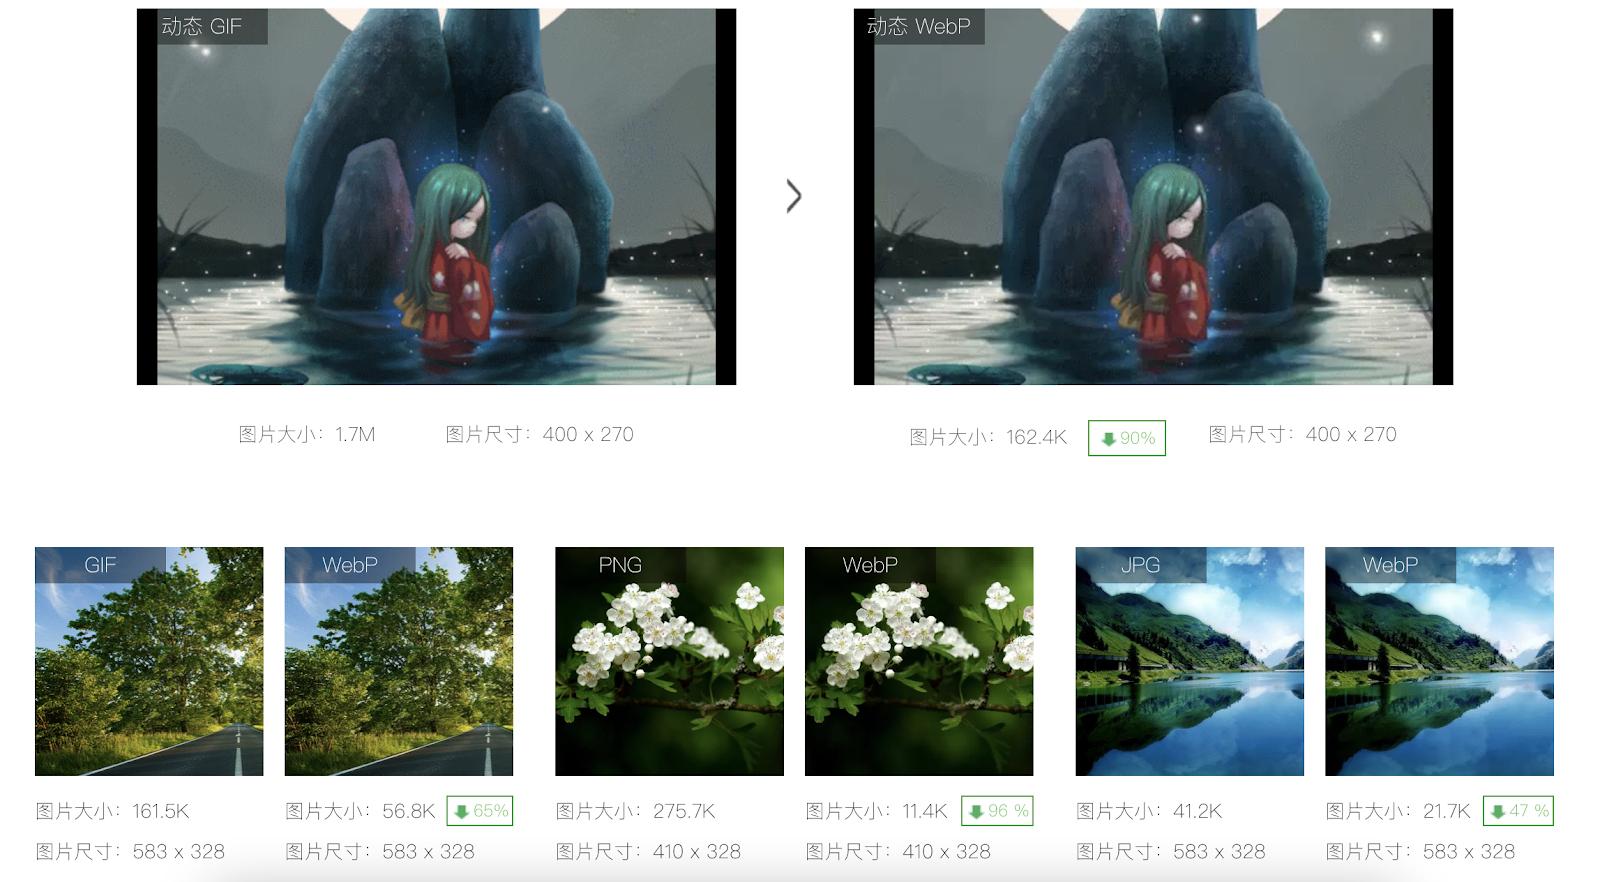 WebP 与其他图片体积对比情况